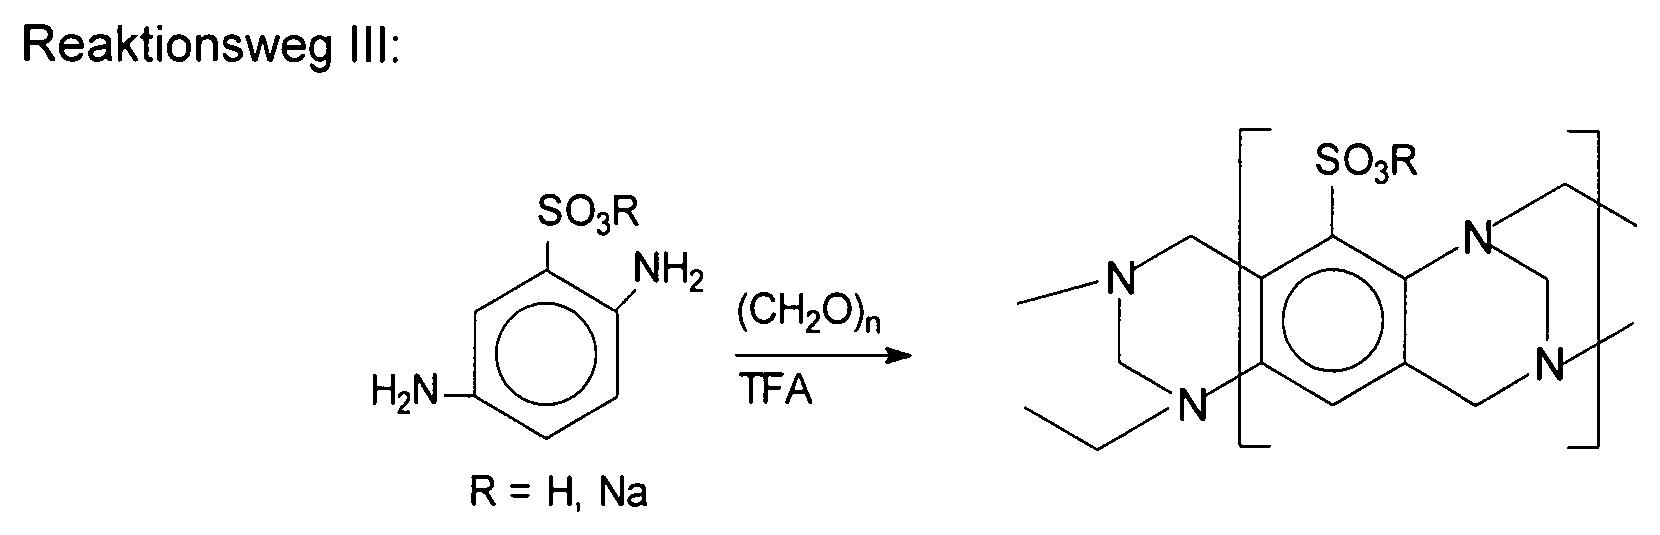 Figure DE112016005378T5_0017